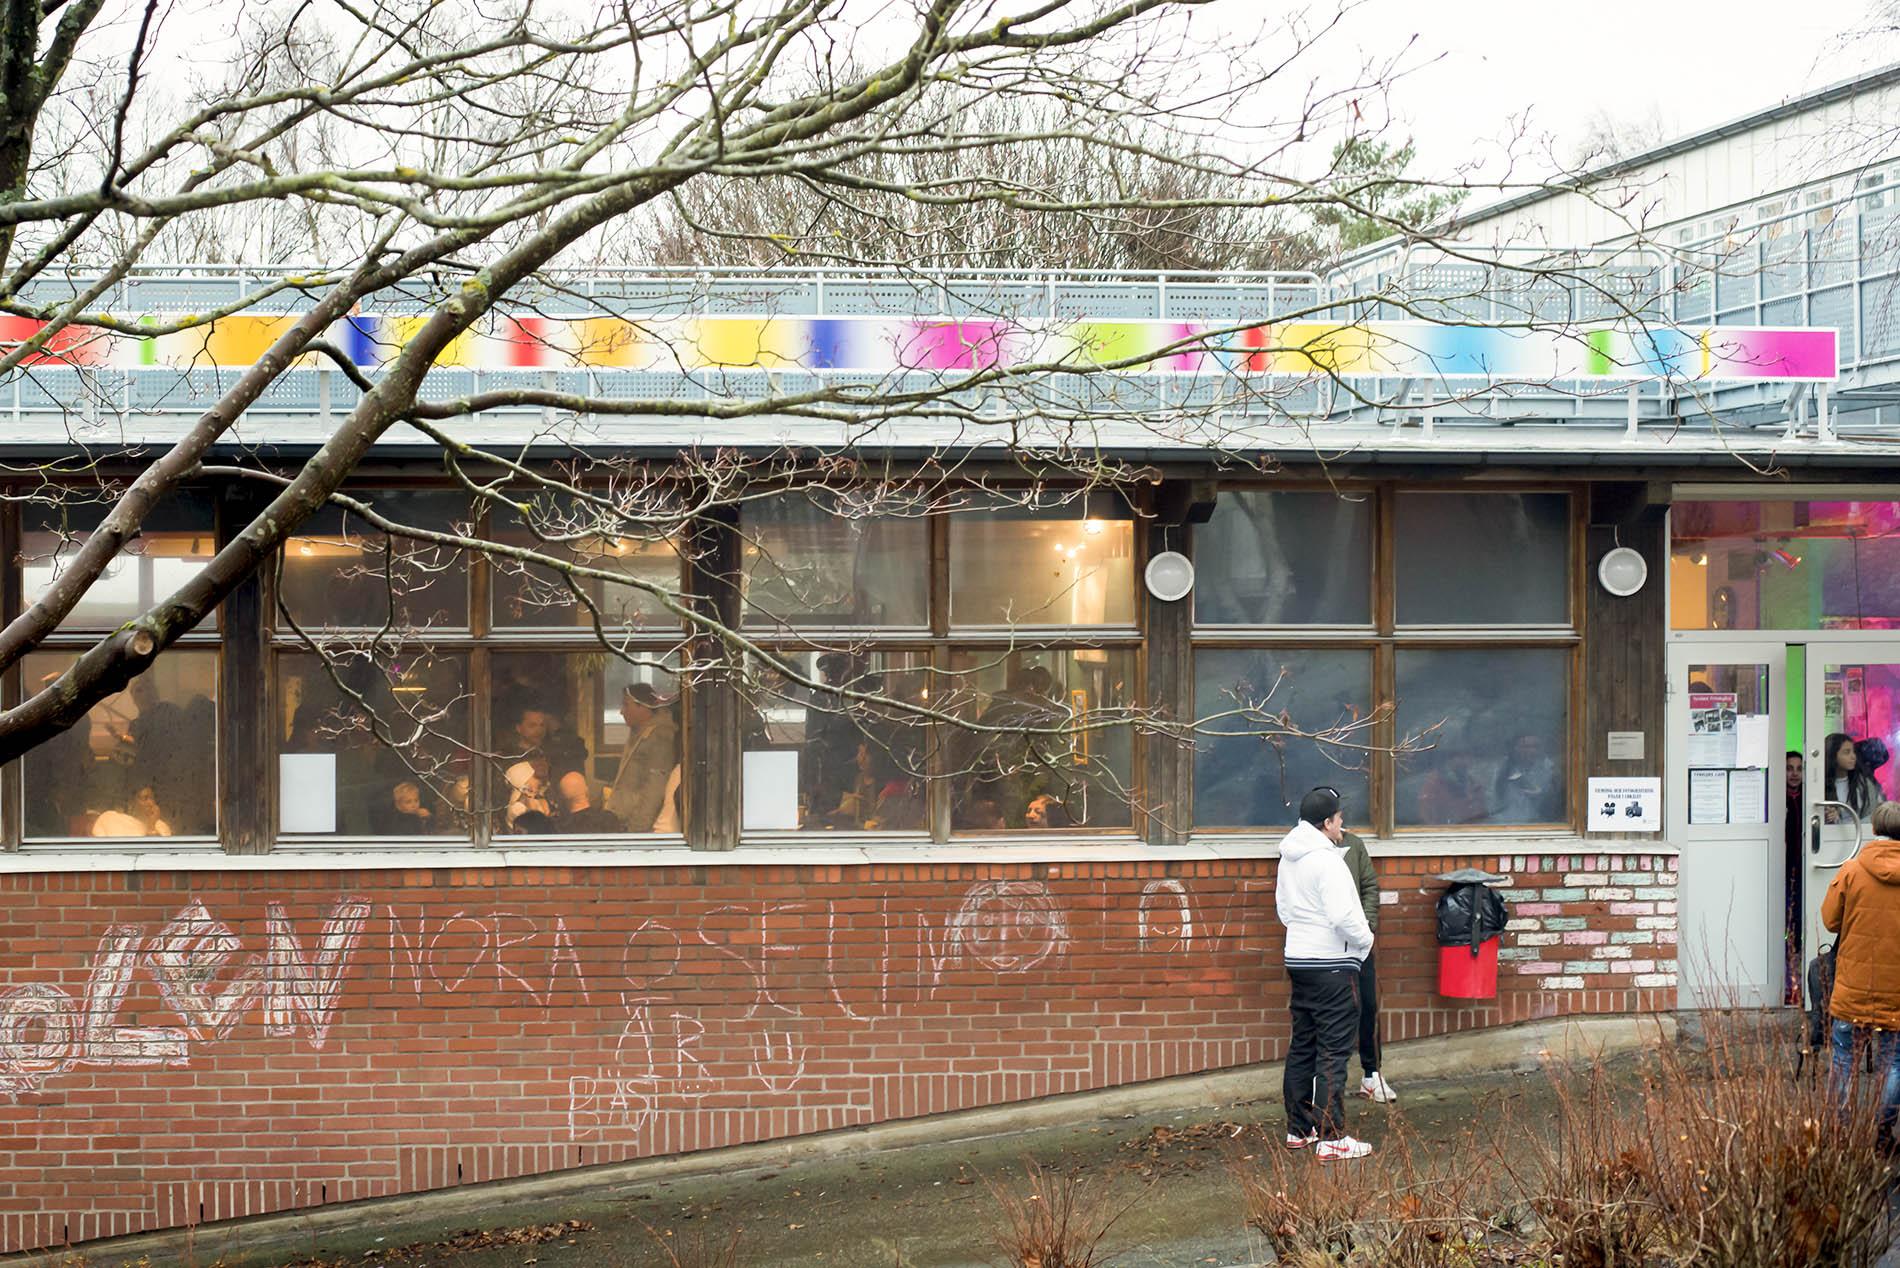 En linje av ljusboxar i skiftande färger löper längs med en tegelbyggnad, det är dag och ljuslinjen är släckt.